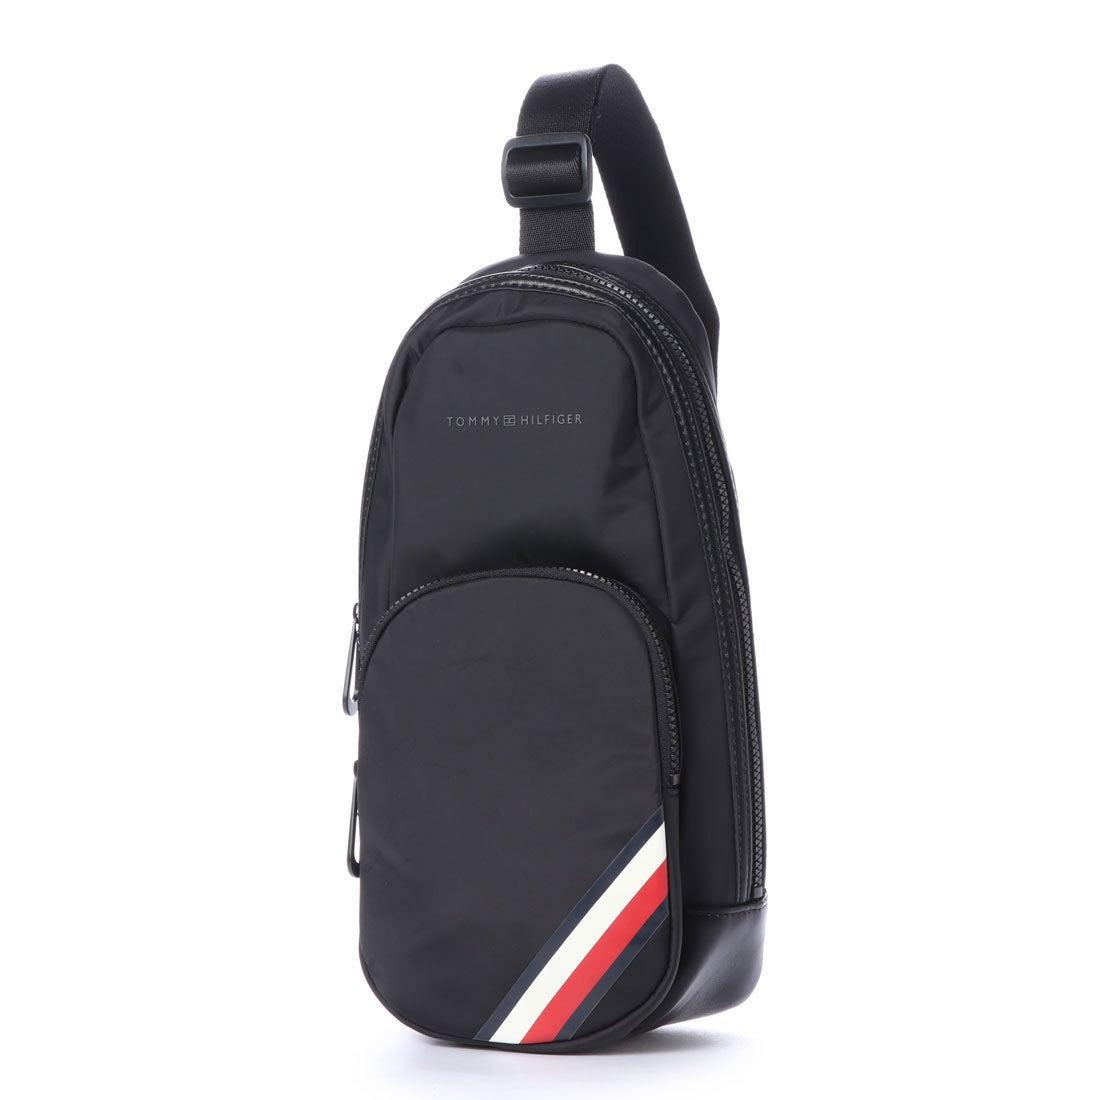 ロコンド 靴とファッションの通販サイトトミーヒルフィガー TOMMY HILFIGER ナイロンボディバッグ (ブラック)